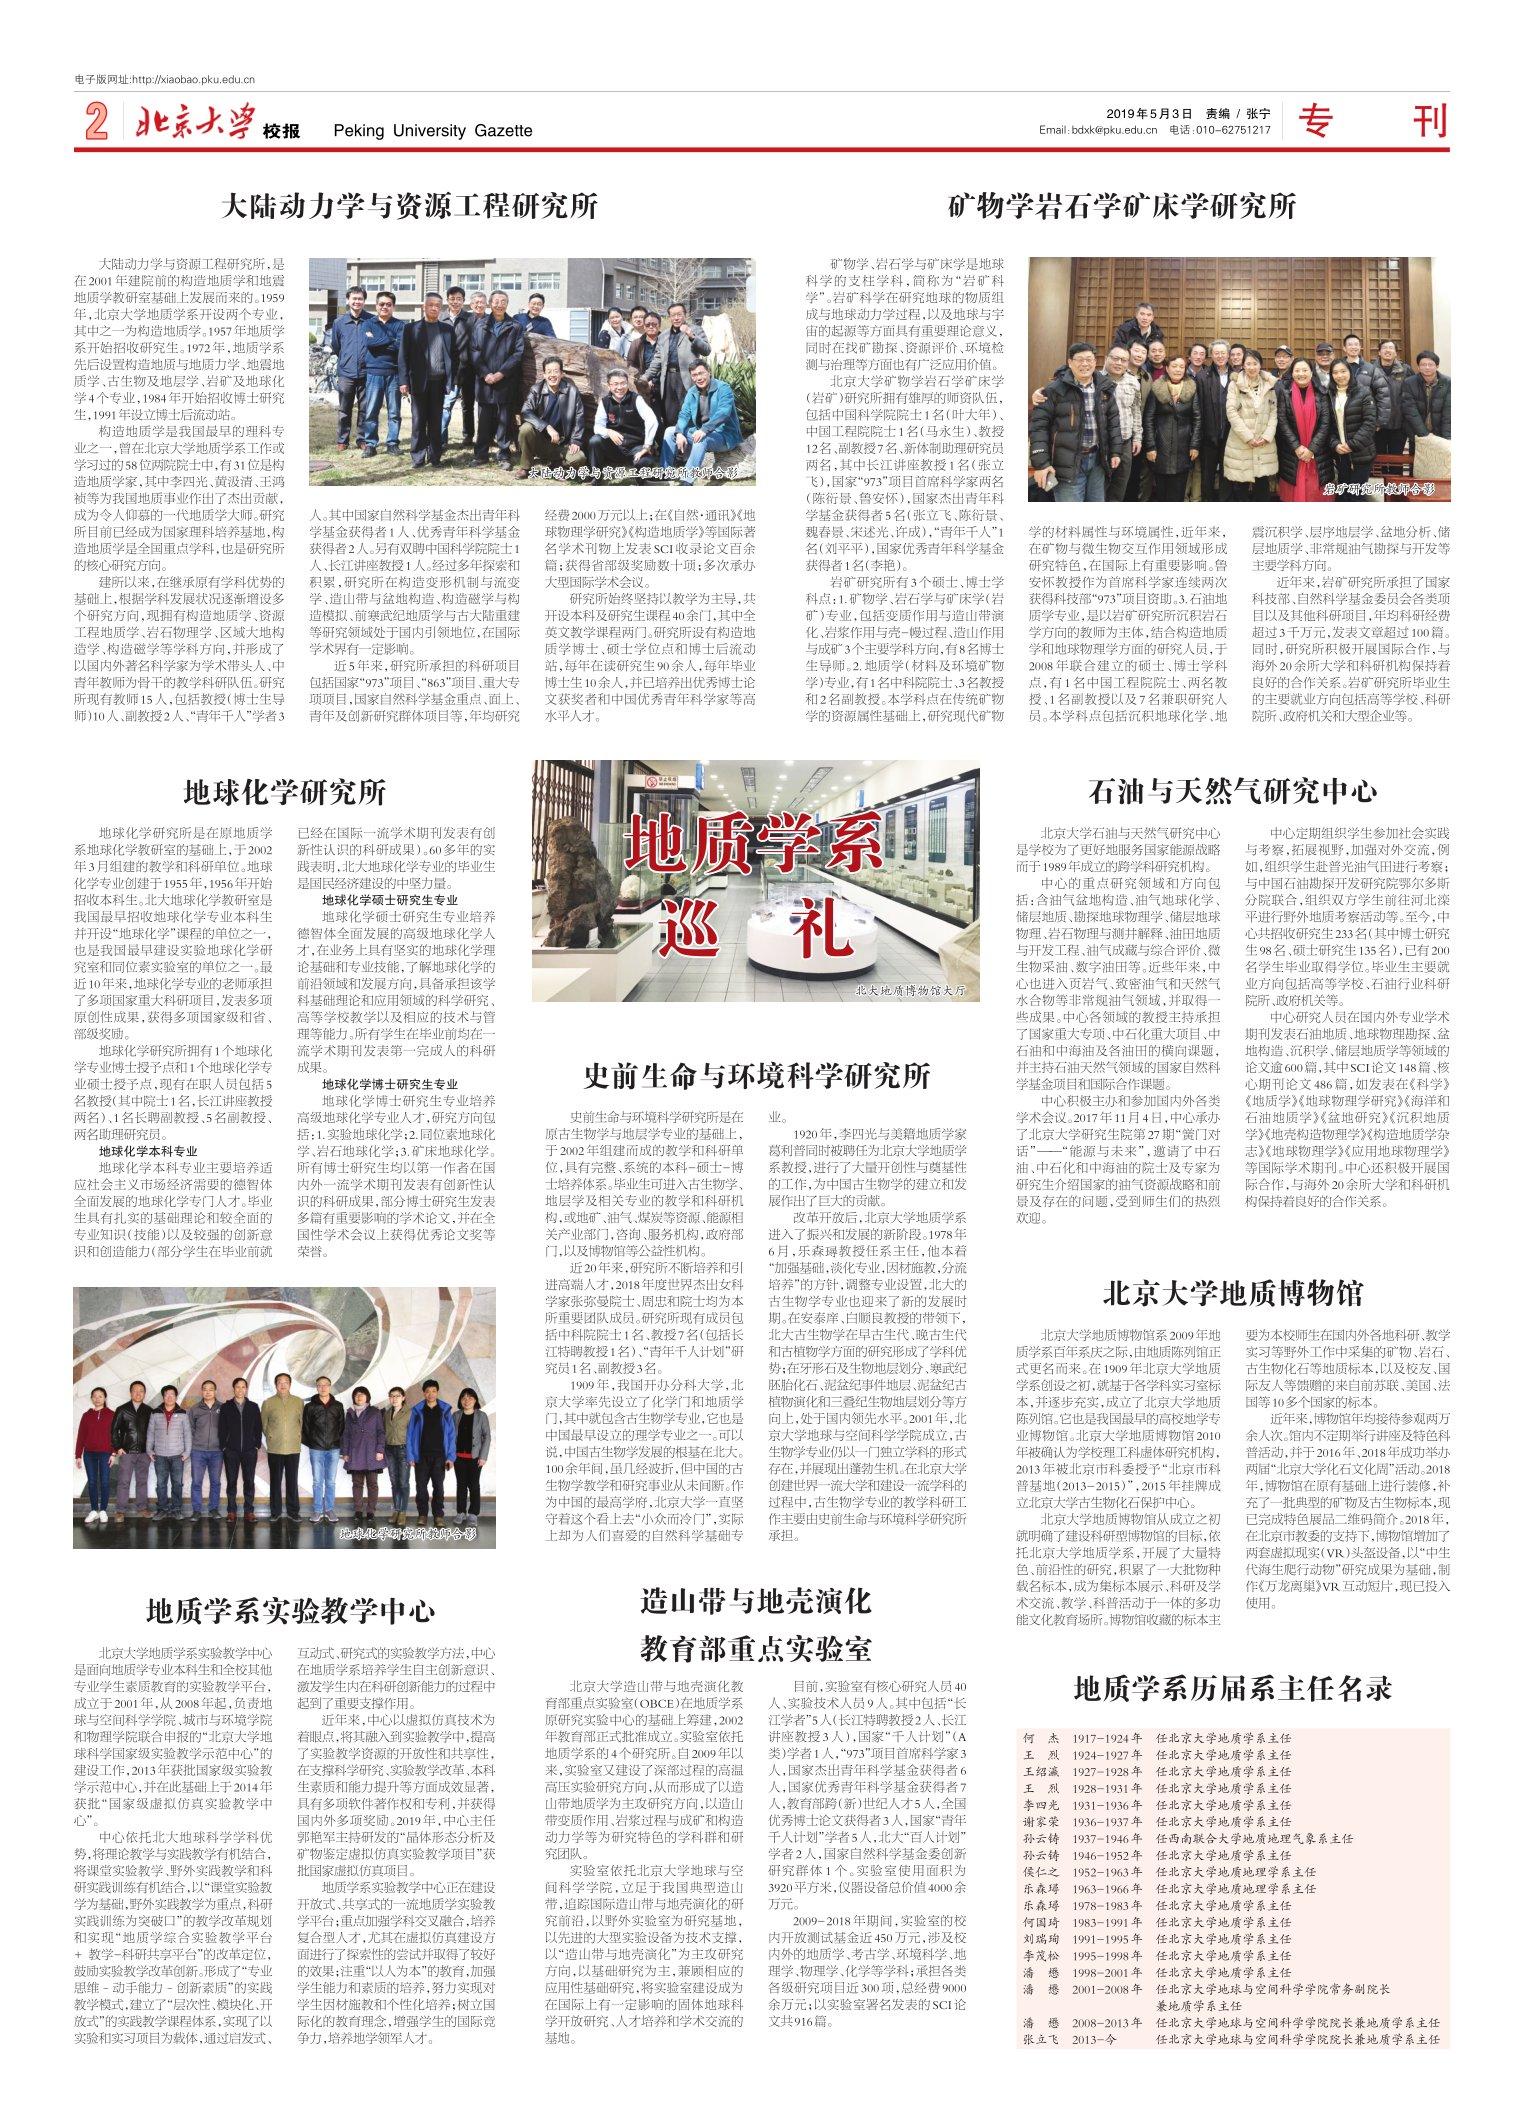 电子学研究所_矿物学岩石学矿床学研究所-北京大学电子版《北京大学校报》